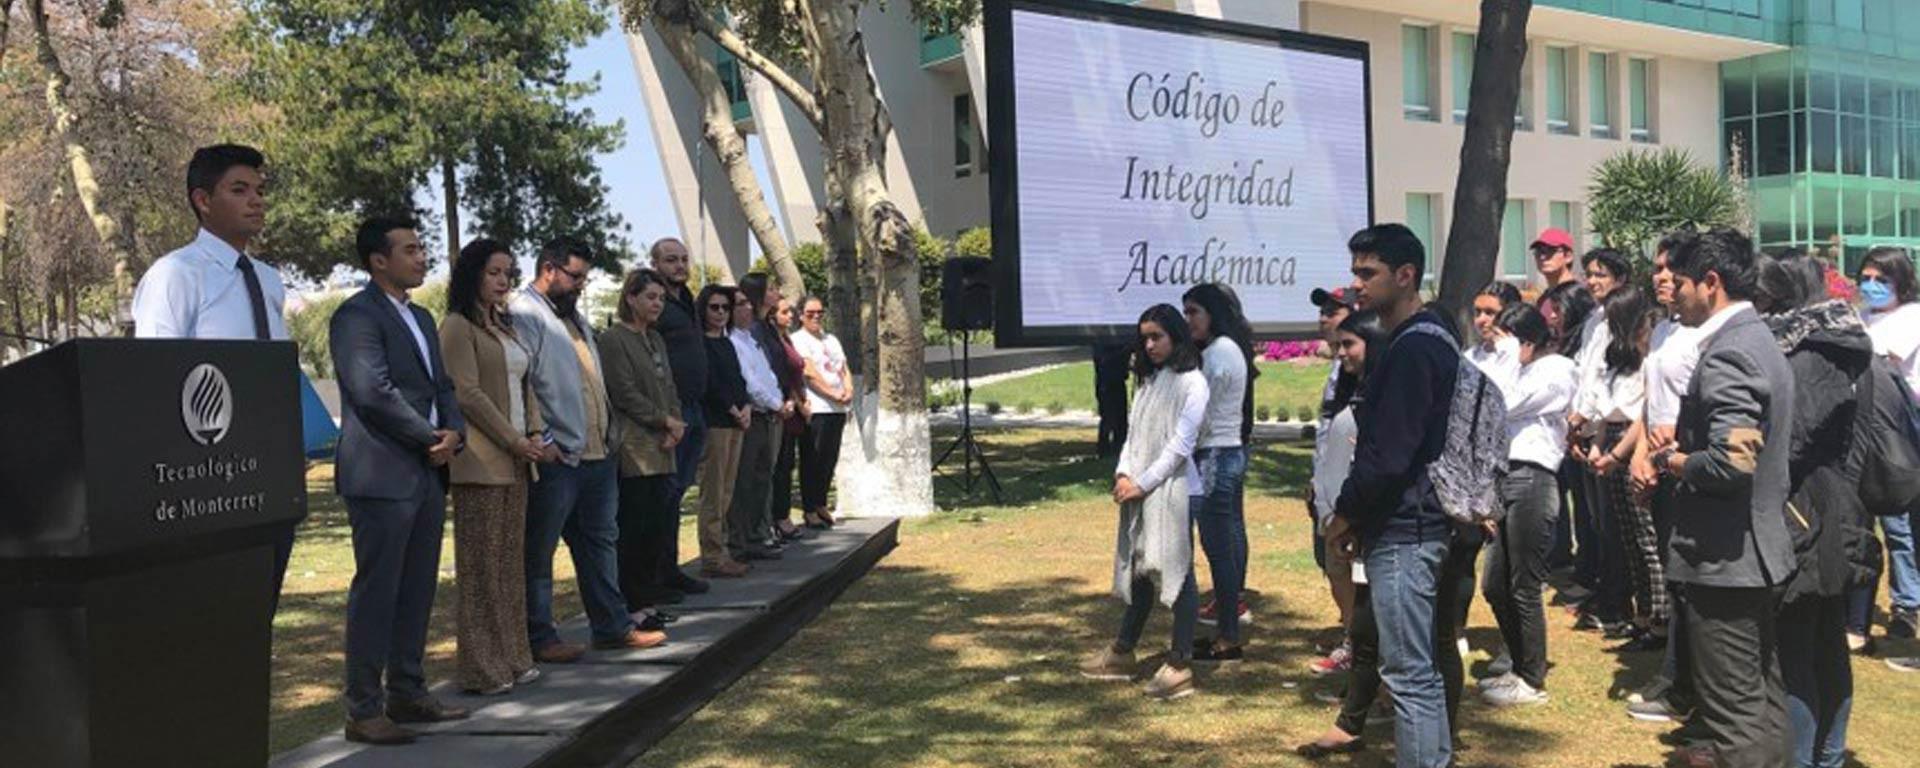 Ceremonia del lanzamiento del Código de Integridad Académica en el Campus Hidalgo del Tec de Monterrey